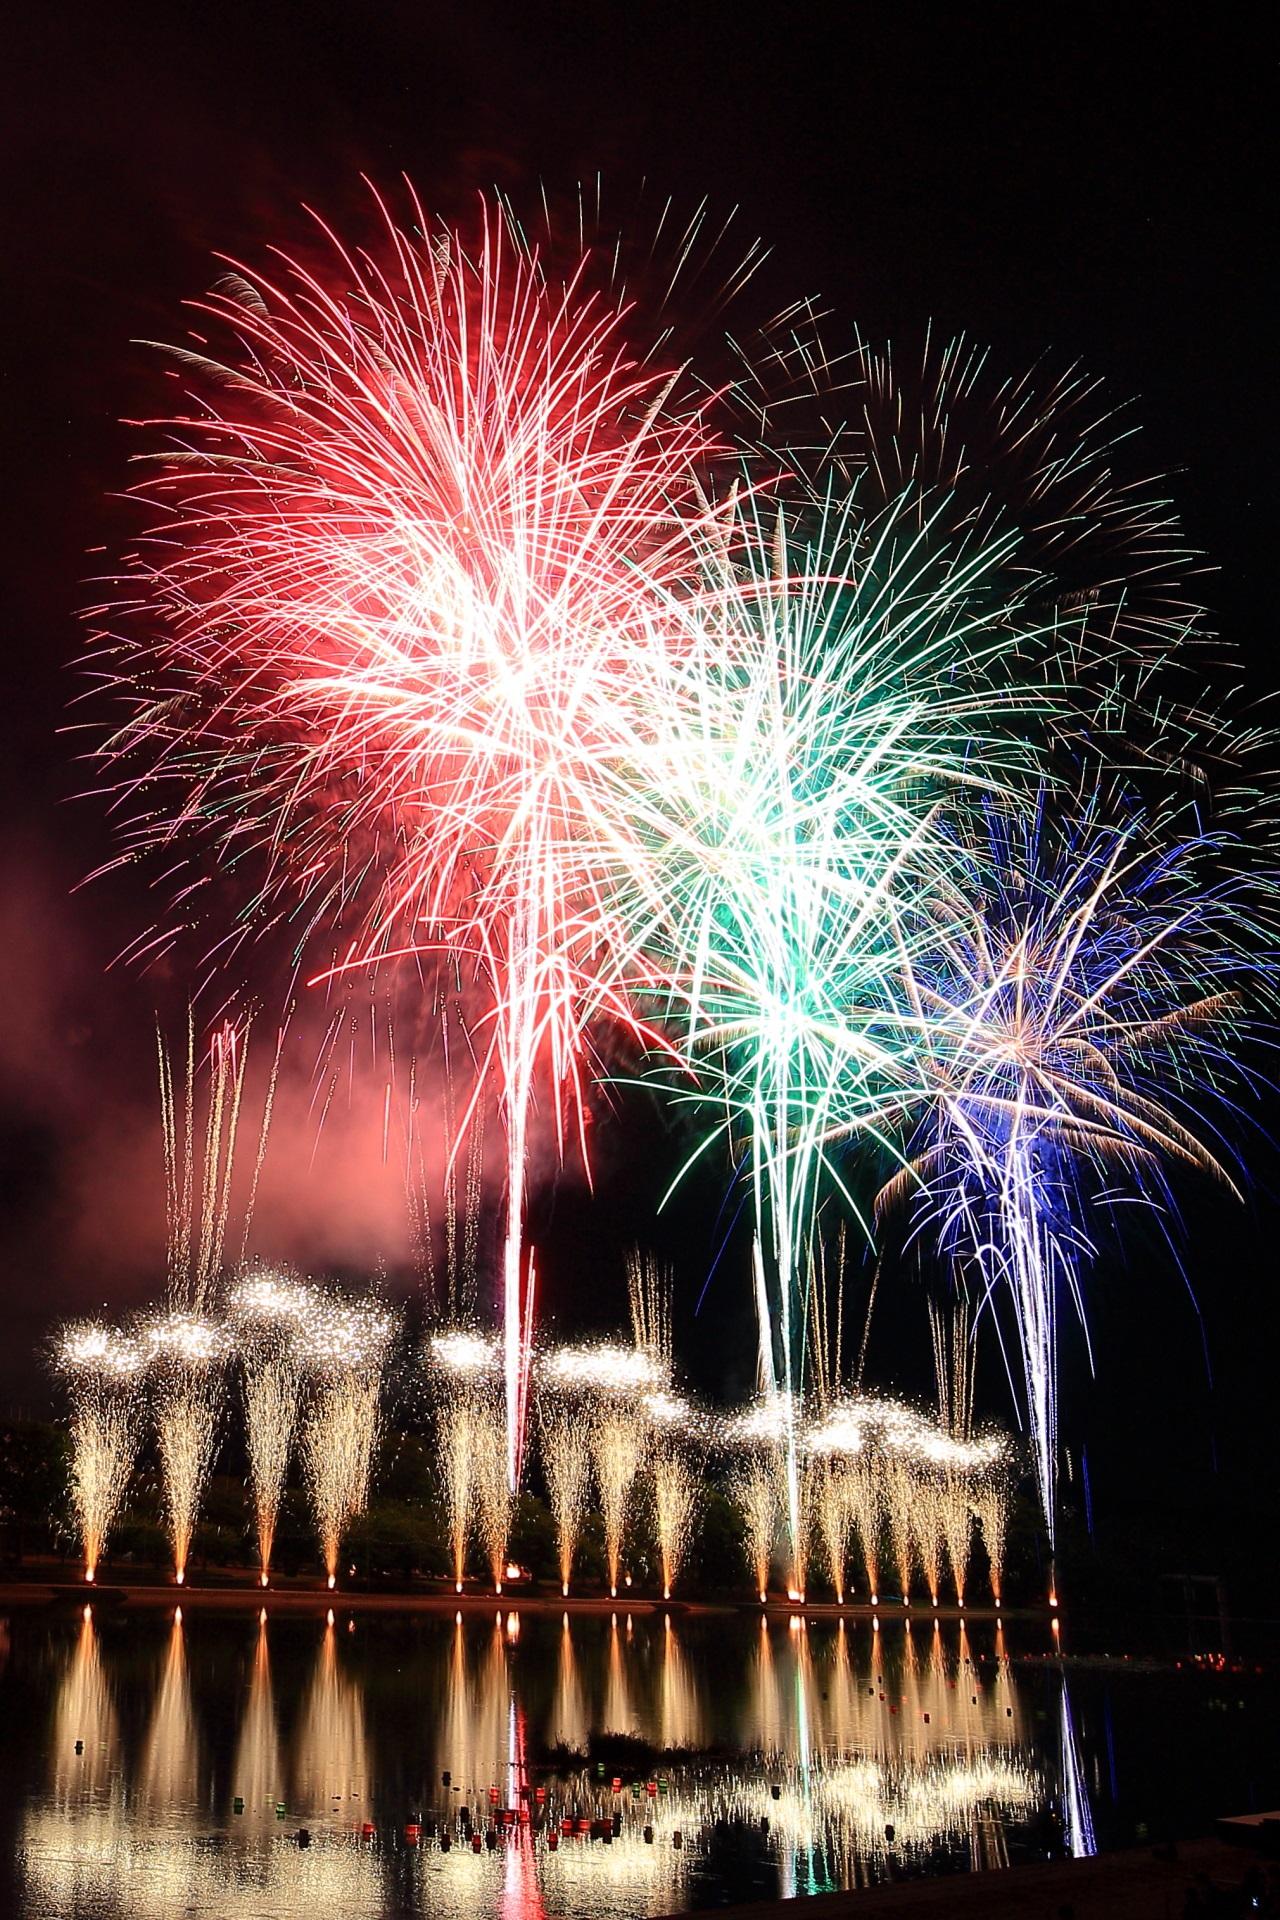 南丹市花火大会の輝く噴水とカラフルな花火